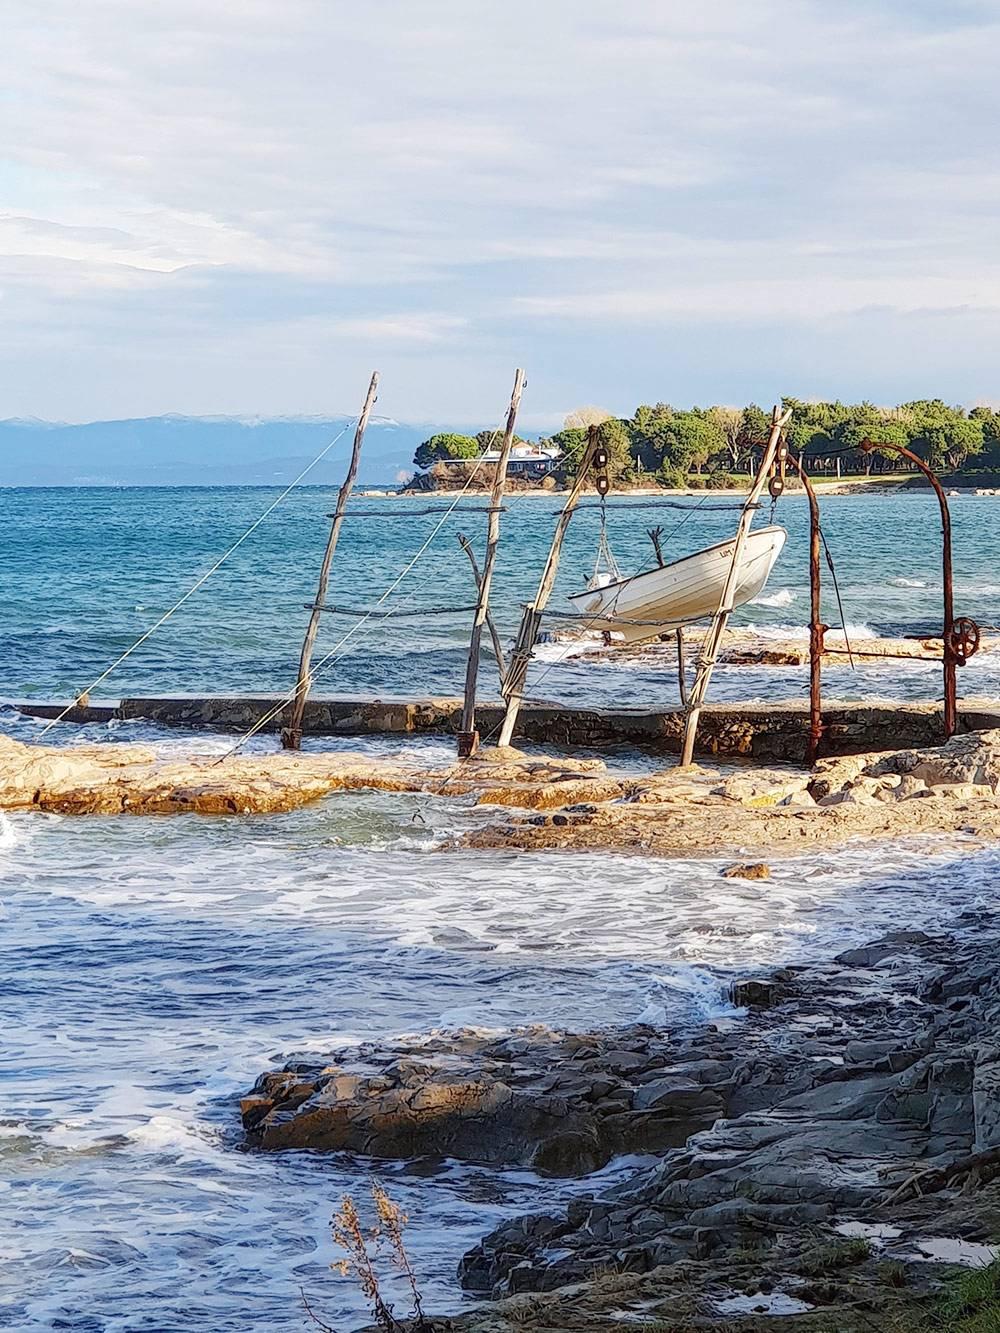 Из-за сильного ветра рыбаки вынуждены поднимать лодки повыше